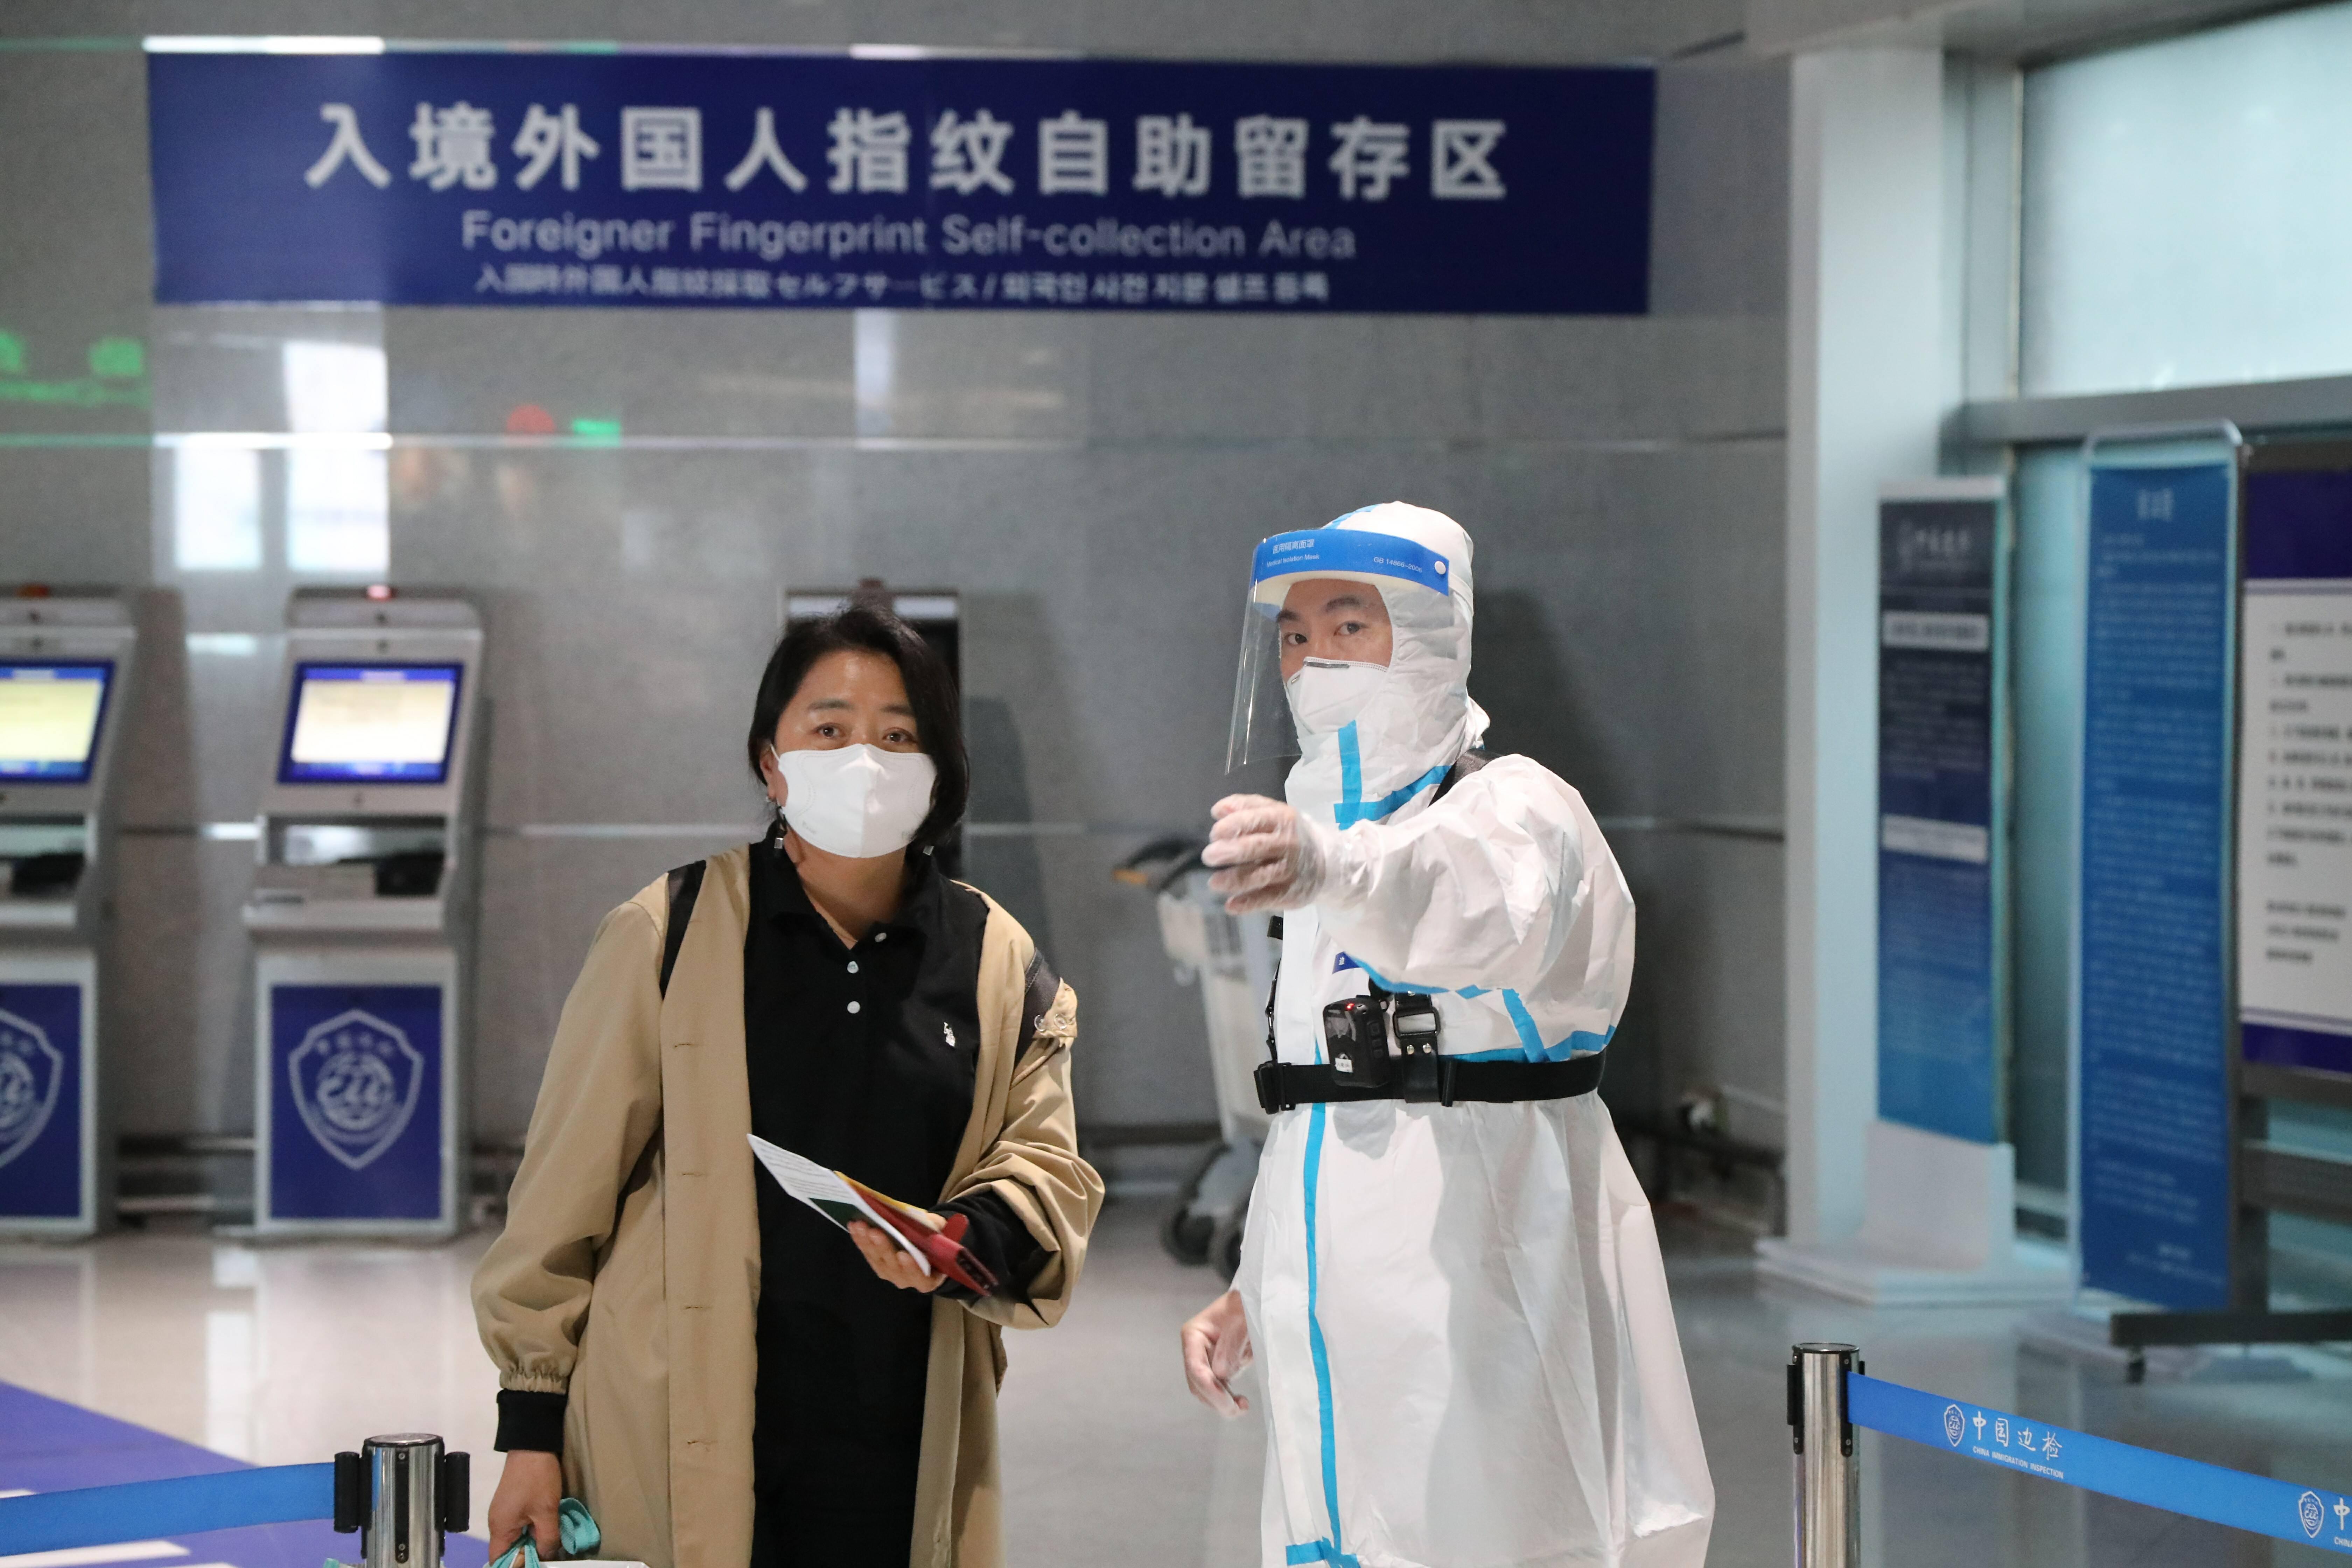 【国庆我在岗】丹心守护家国!围观烟台机场移民管理警察的小长假